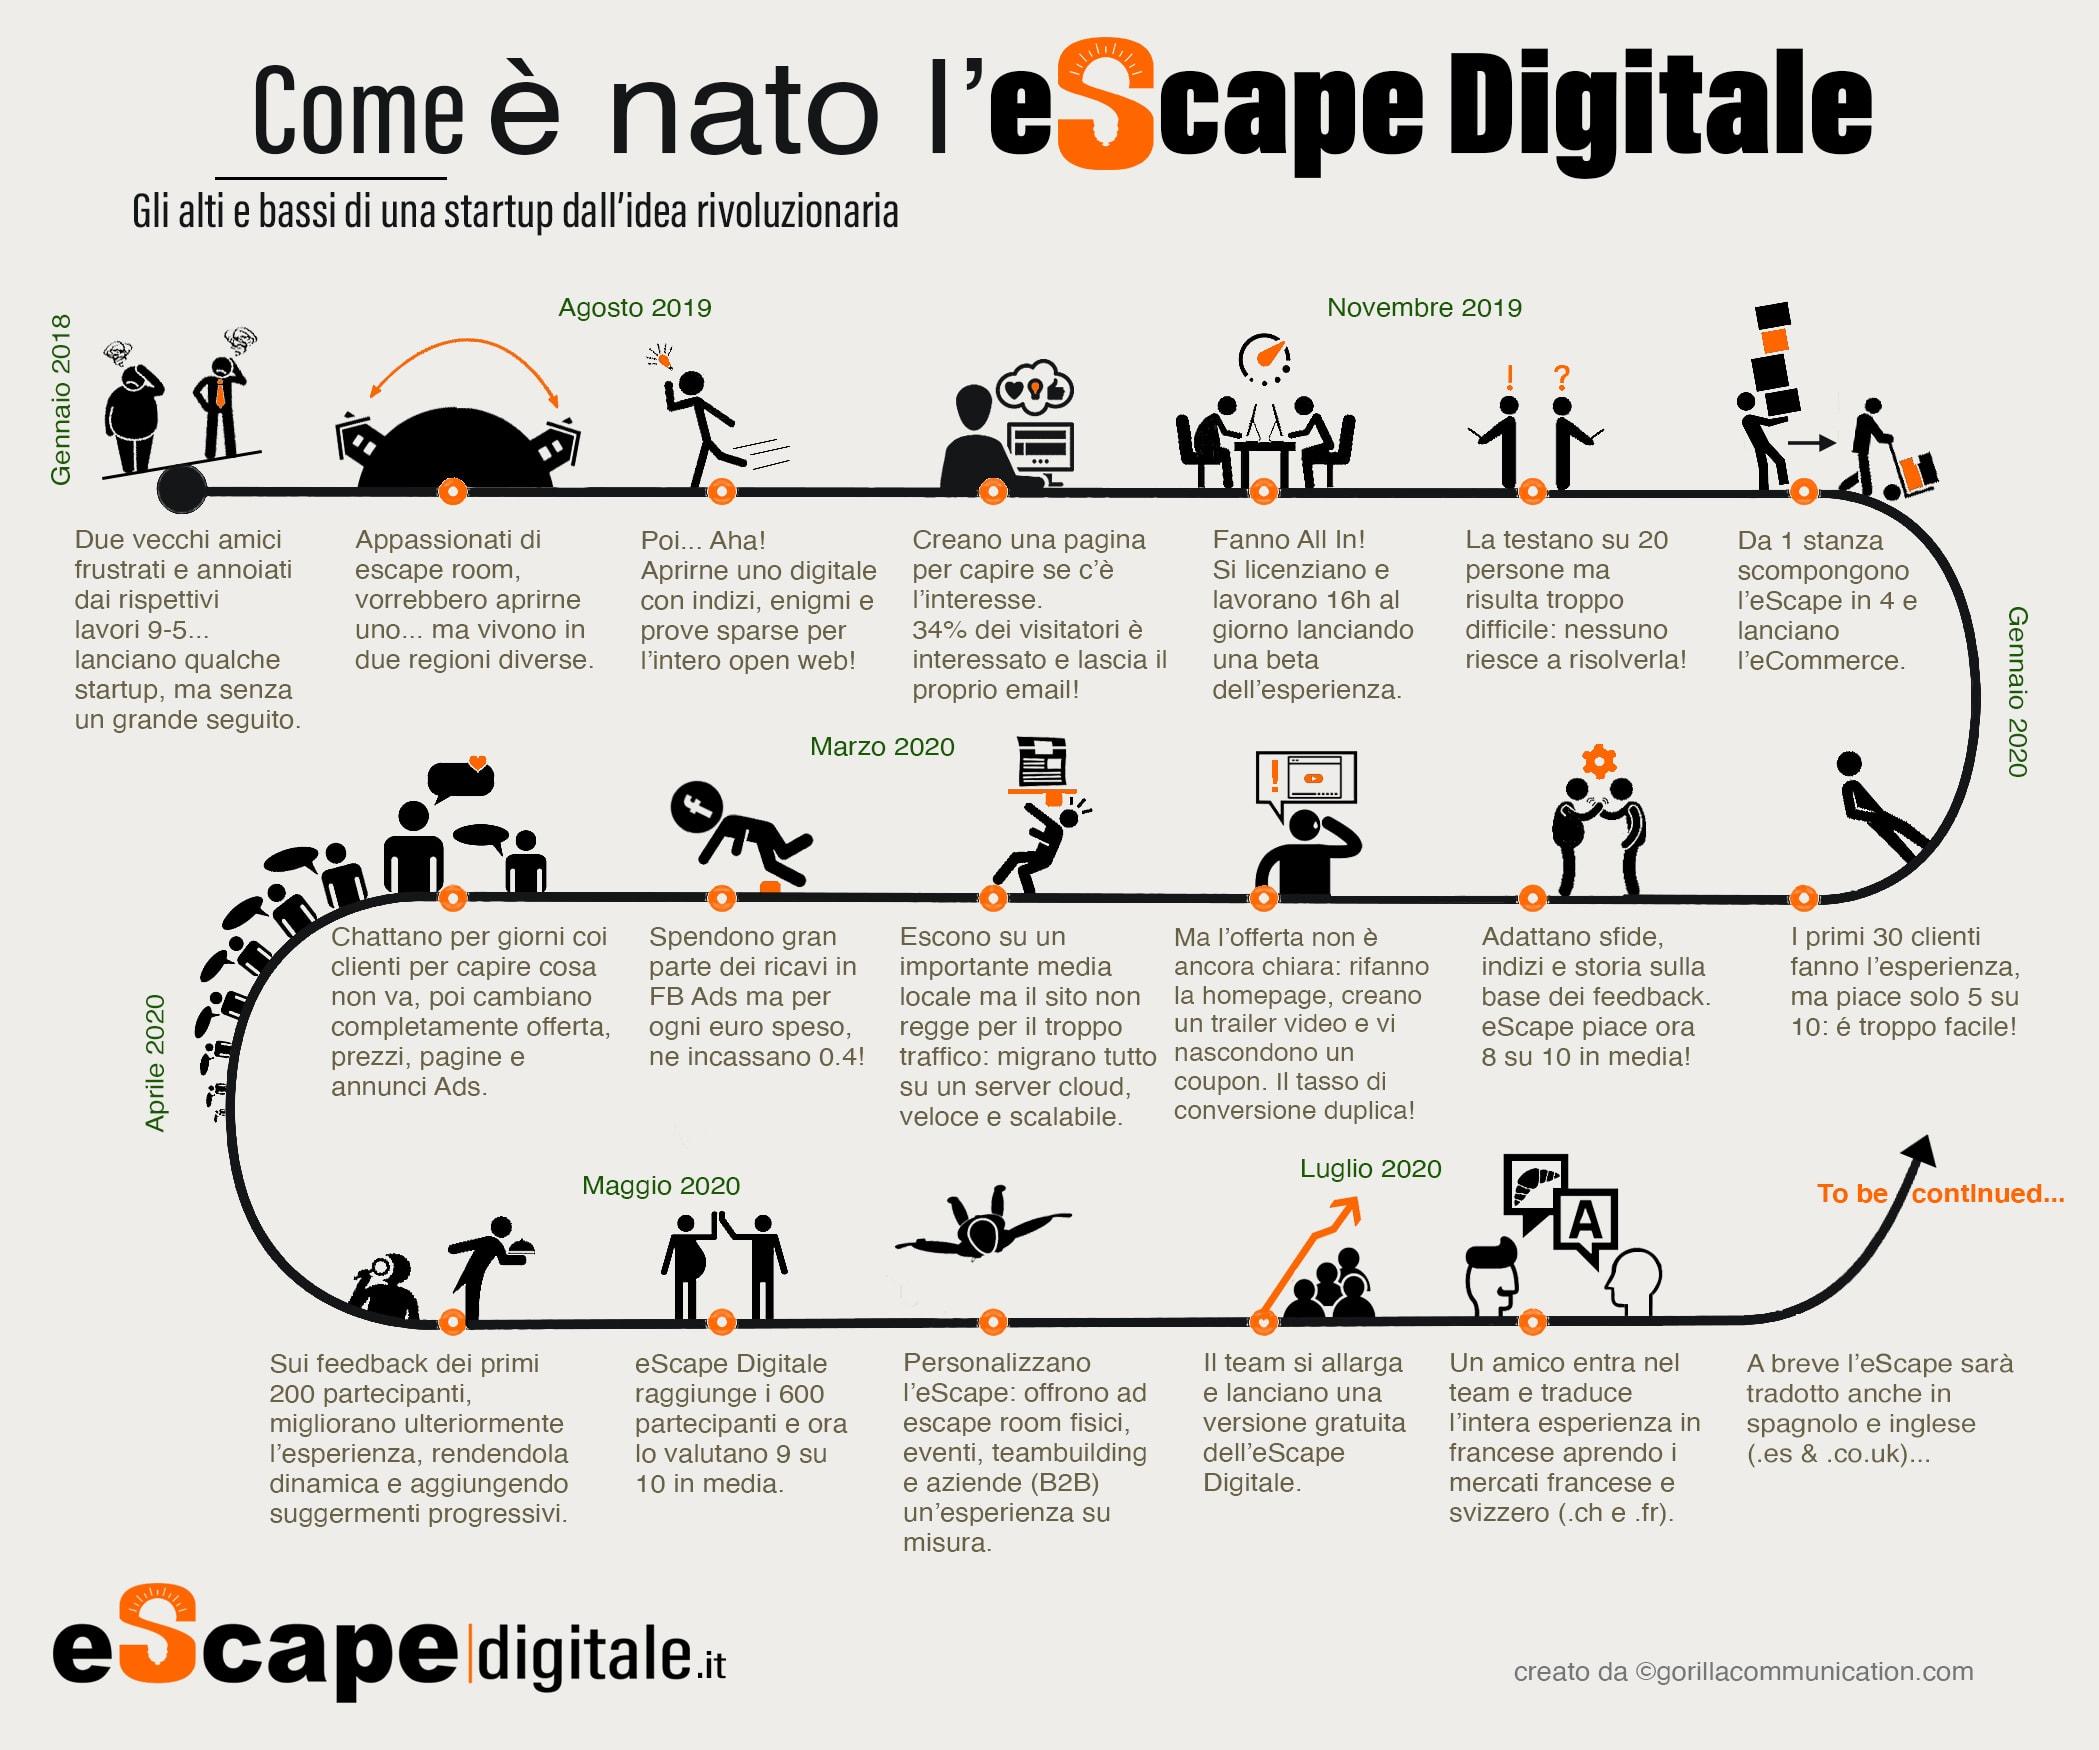 escapedigitale.it infographics